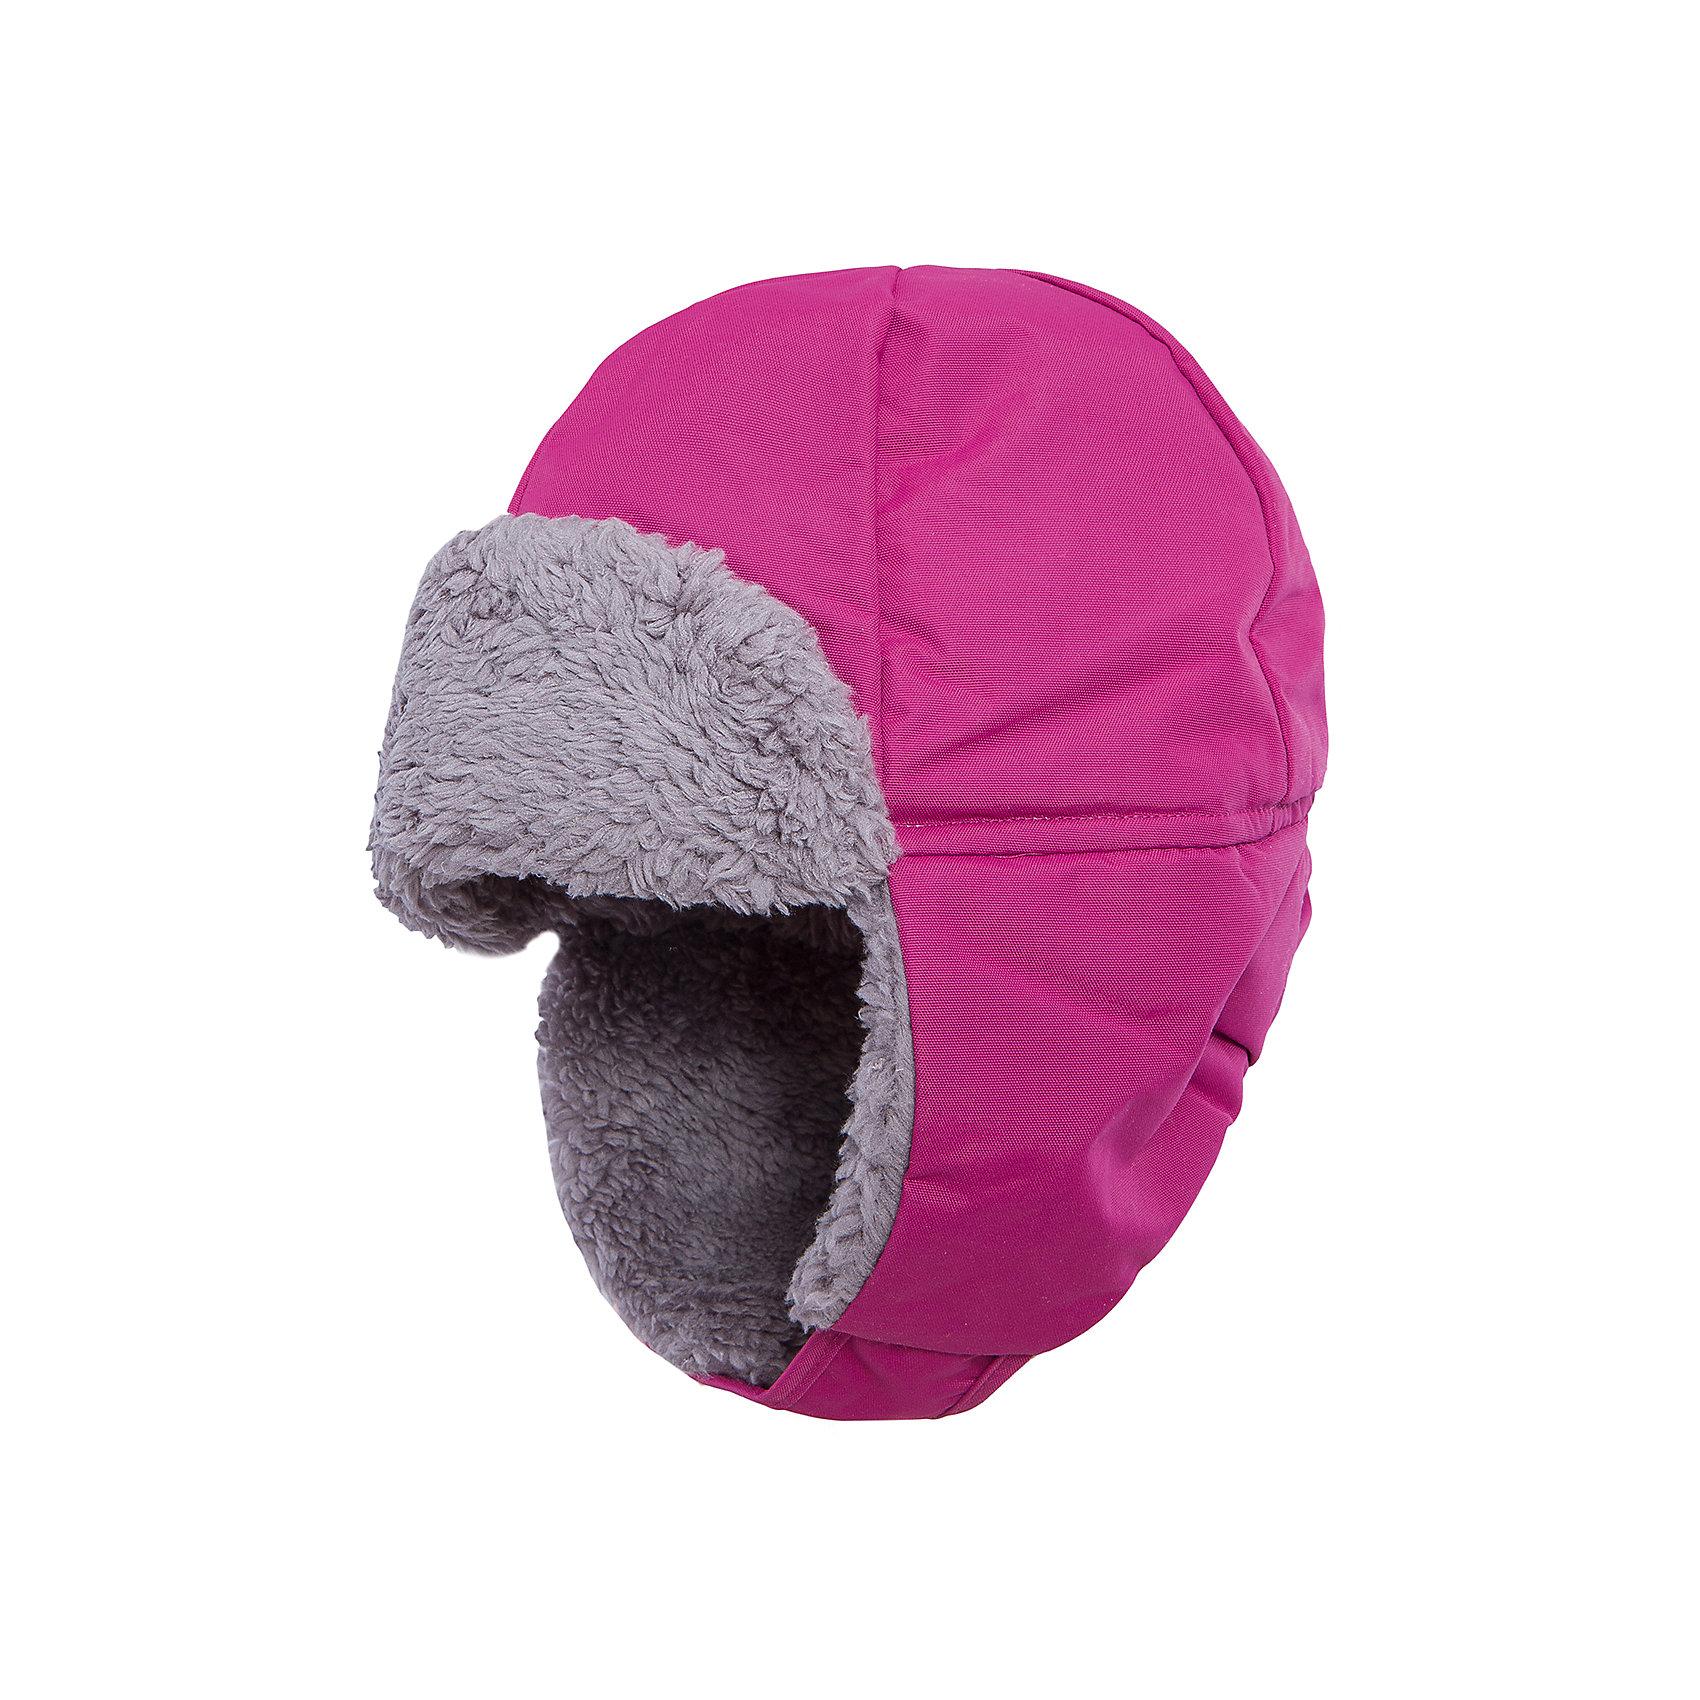 Шапка Biggles для девочки DIDRIKSONSГоловные уборы<br>Характеристики товара:<br><br>• цвет: фуксия<br>• материал: 100% полиамид, подкладка 100% полиэстер<br>• утеплитель: 60 г/м<br>• сезон: зима<br>• температурный режим от +5 до -20С<br>• непромокаемая и непродуваемая мембранная ткань<br>• подкладка из искусственного меха<br>• дополнительная пропитка верха<br>• прокленные швы<br>• застежка: липучка<br>• защита ушей от холода<br>• страна бренда: Швеция<br>• страна производства: Китай<br><br>Такие шапки сейчас на пике молодежной моды! Это не только стильно, но еще и очень комфортно, а также тепло. Эта качественная шапка обеспечит ребенку удобство при прогулках и активном отдыхе зимой. Такая модель от шведского производителя отлично смотрится с разной верхней одеждой.<br>Шапка сшита из мембранной ткани, которая позволяет телу дышать, но при этом не промокает и не продувается. Очень стильная и удобная модель! Изделие качественно выполнено, сделано из безопасных для детей материалов. <br><br>Шапку для девочки от бренда DIDRIKSONS можно купить в нашем интернет-магазине.<br><br>Ширина мм: 89<br>Глубина мм: 117<br>Высота мм: 44<br>Вес г: 155<br>Цвет: лиловый<br>Возраст от месяцев: 96<br>Возраст до месяцев: 120<br>Пол: Женский<br>Возраст: Детский<br>Размер: 56,50,54,52<br>SKU: 5004015